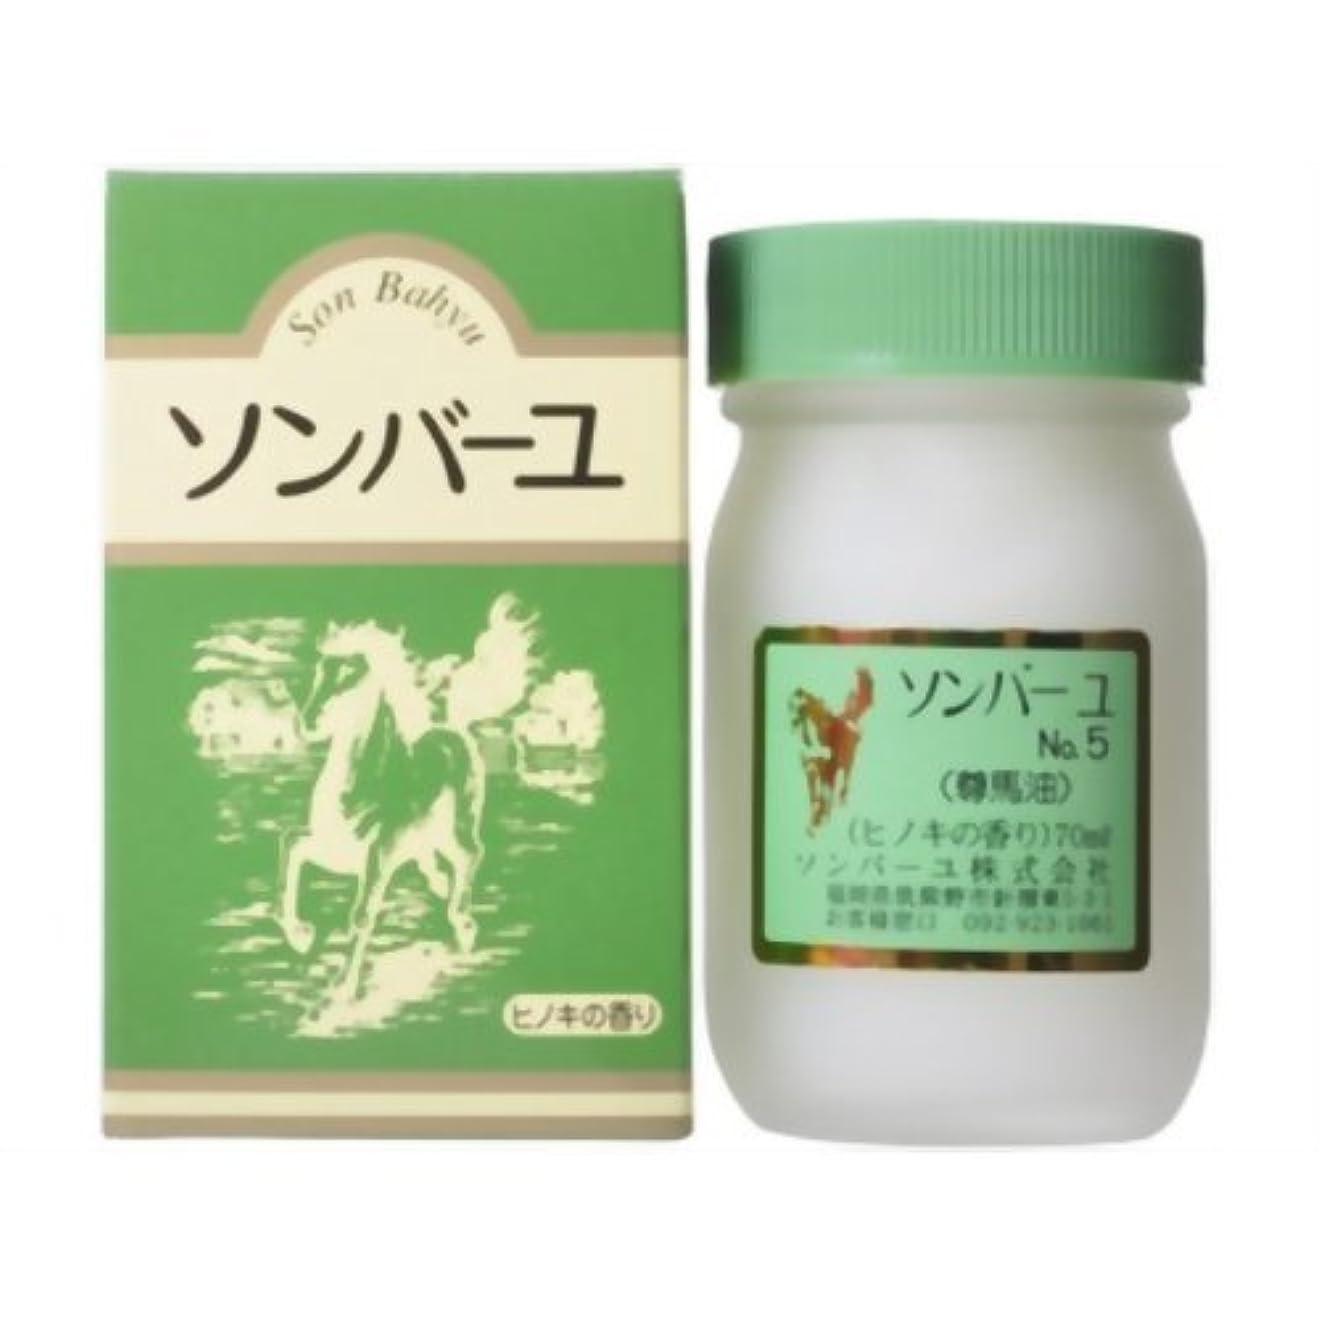 掃く機械的引き金ソンバーユ ヒノキの香り 70ml